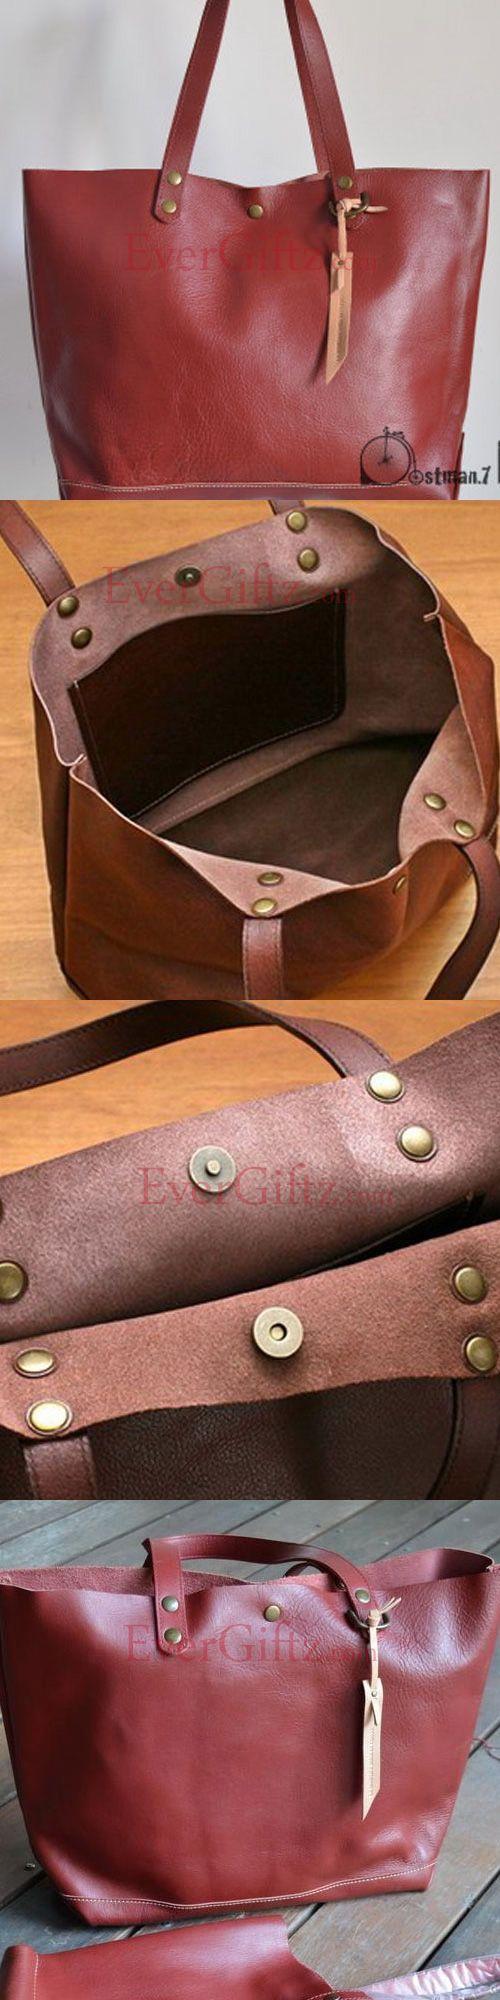 Genuine tote  Leather vintage handmade shoulder bag crossbody bag handbag